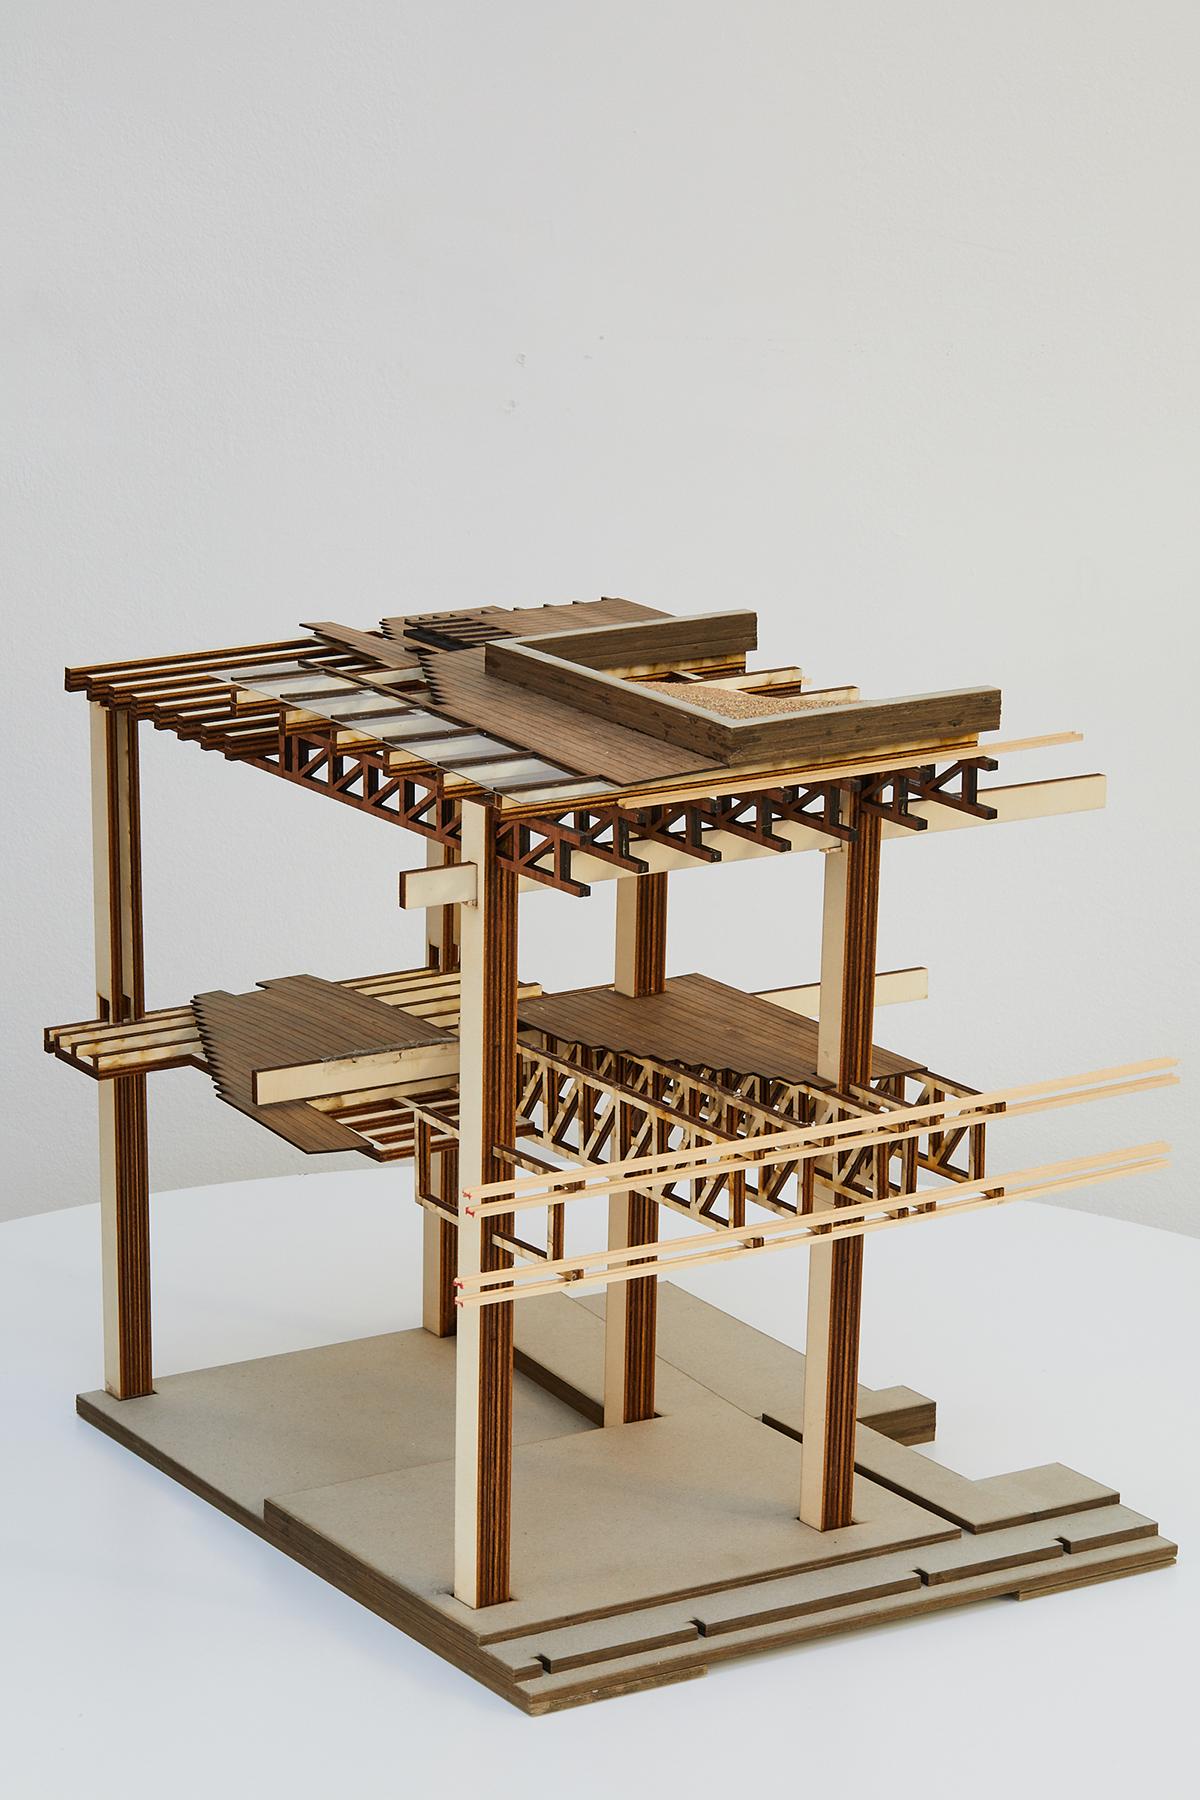 Adib Imam Design Studio 5